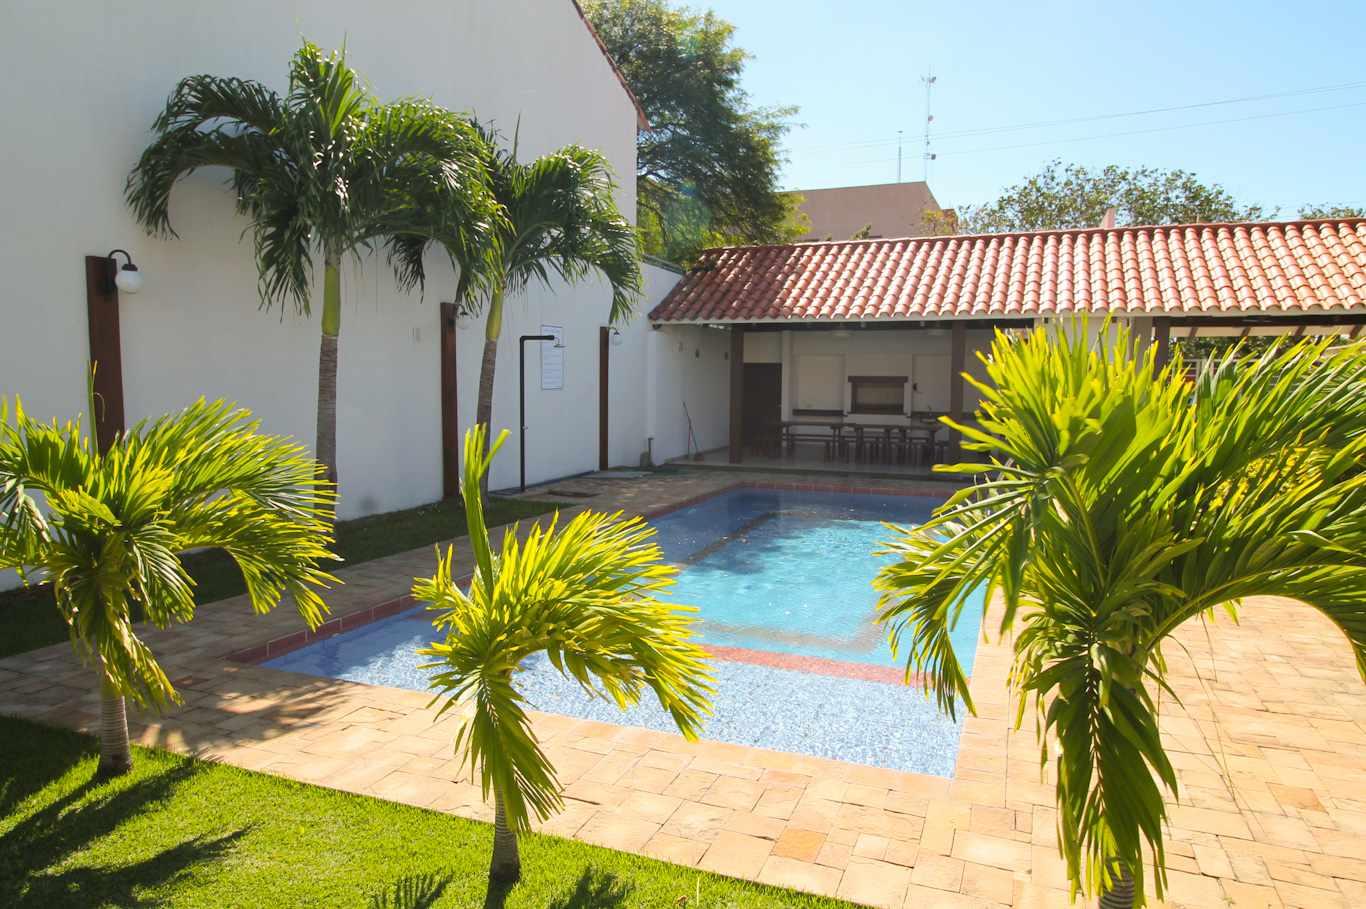 Casa en Venta LINDA CASA EN VENTA EN CONDOMINIO CASTILLA LA MANCHA Foto 5